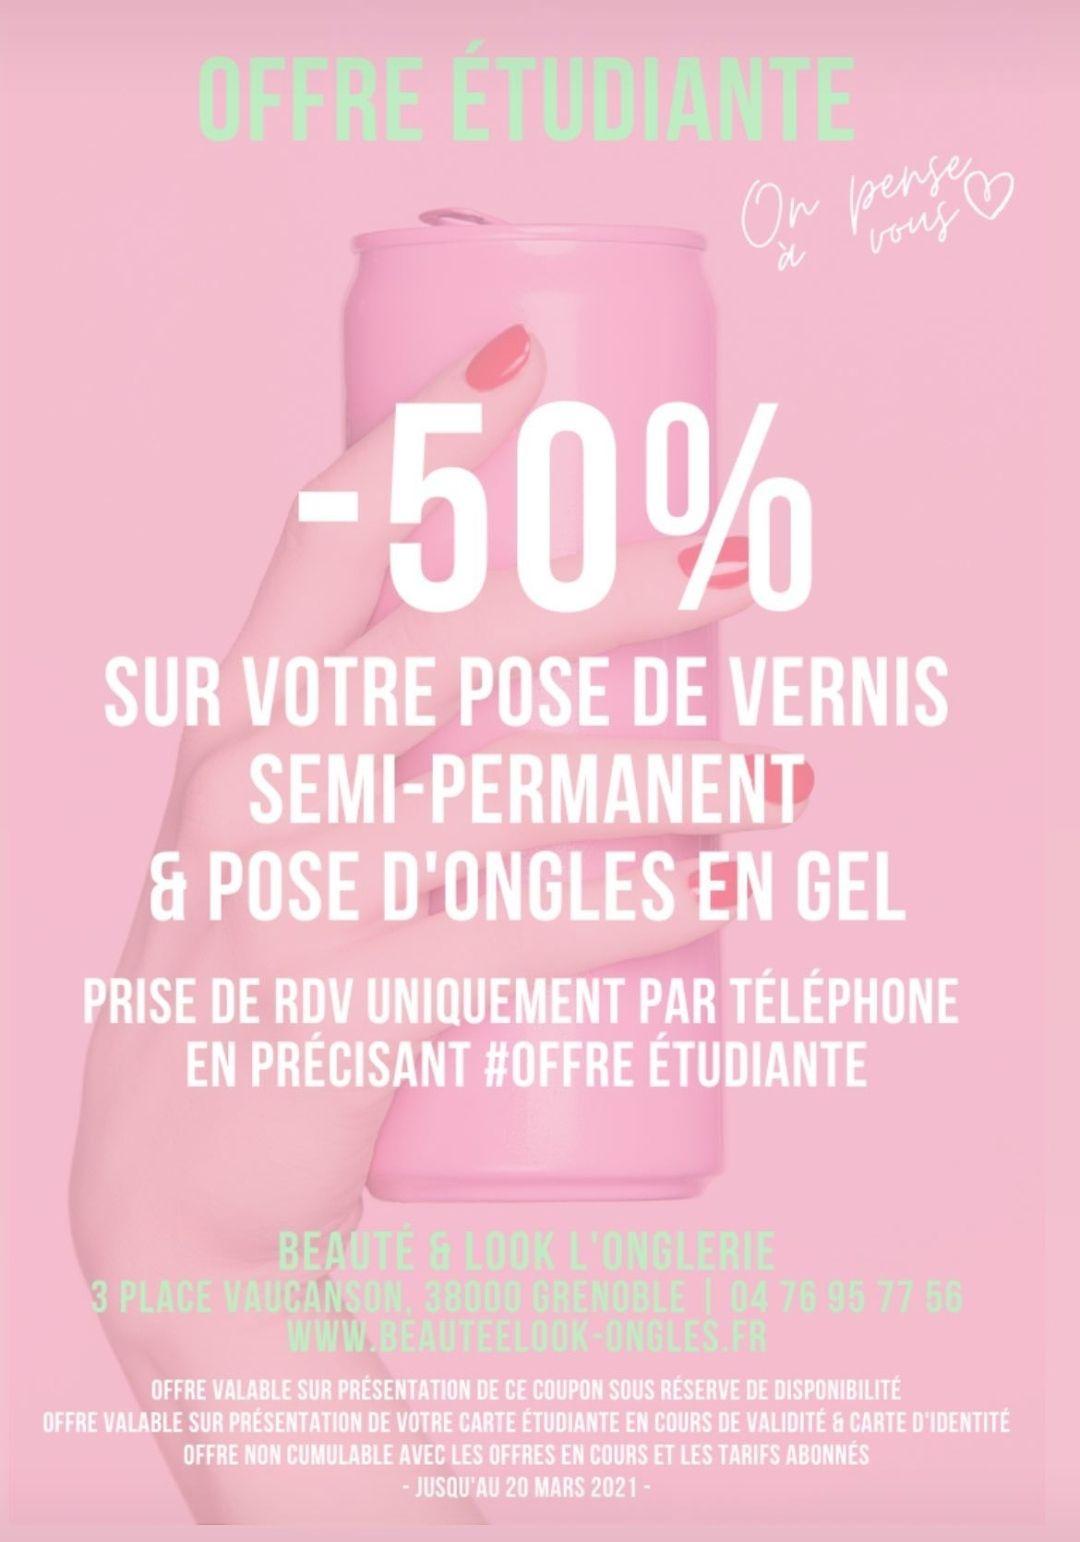 [Etudiantes] 50% de réduction sur la pose de vernis semi permanent & pose d'ongles en gel - Beauté et Look Grenoble (38)